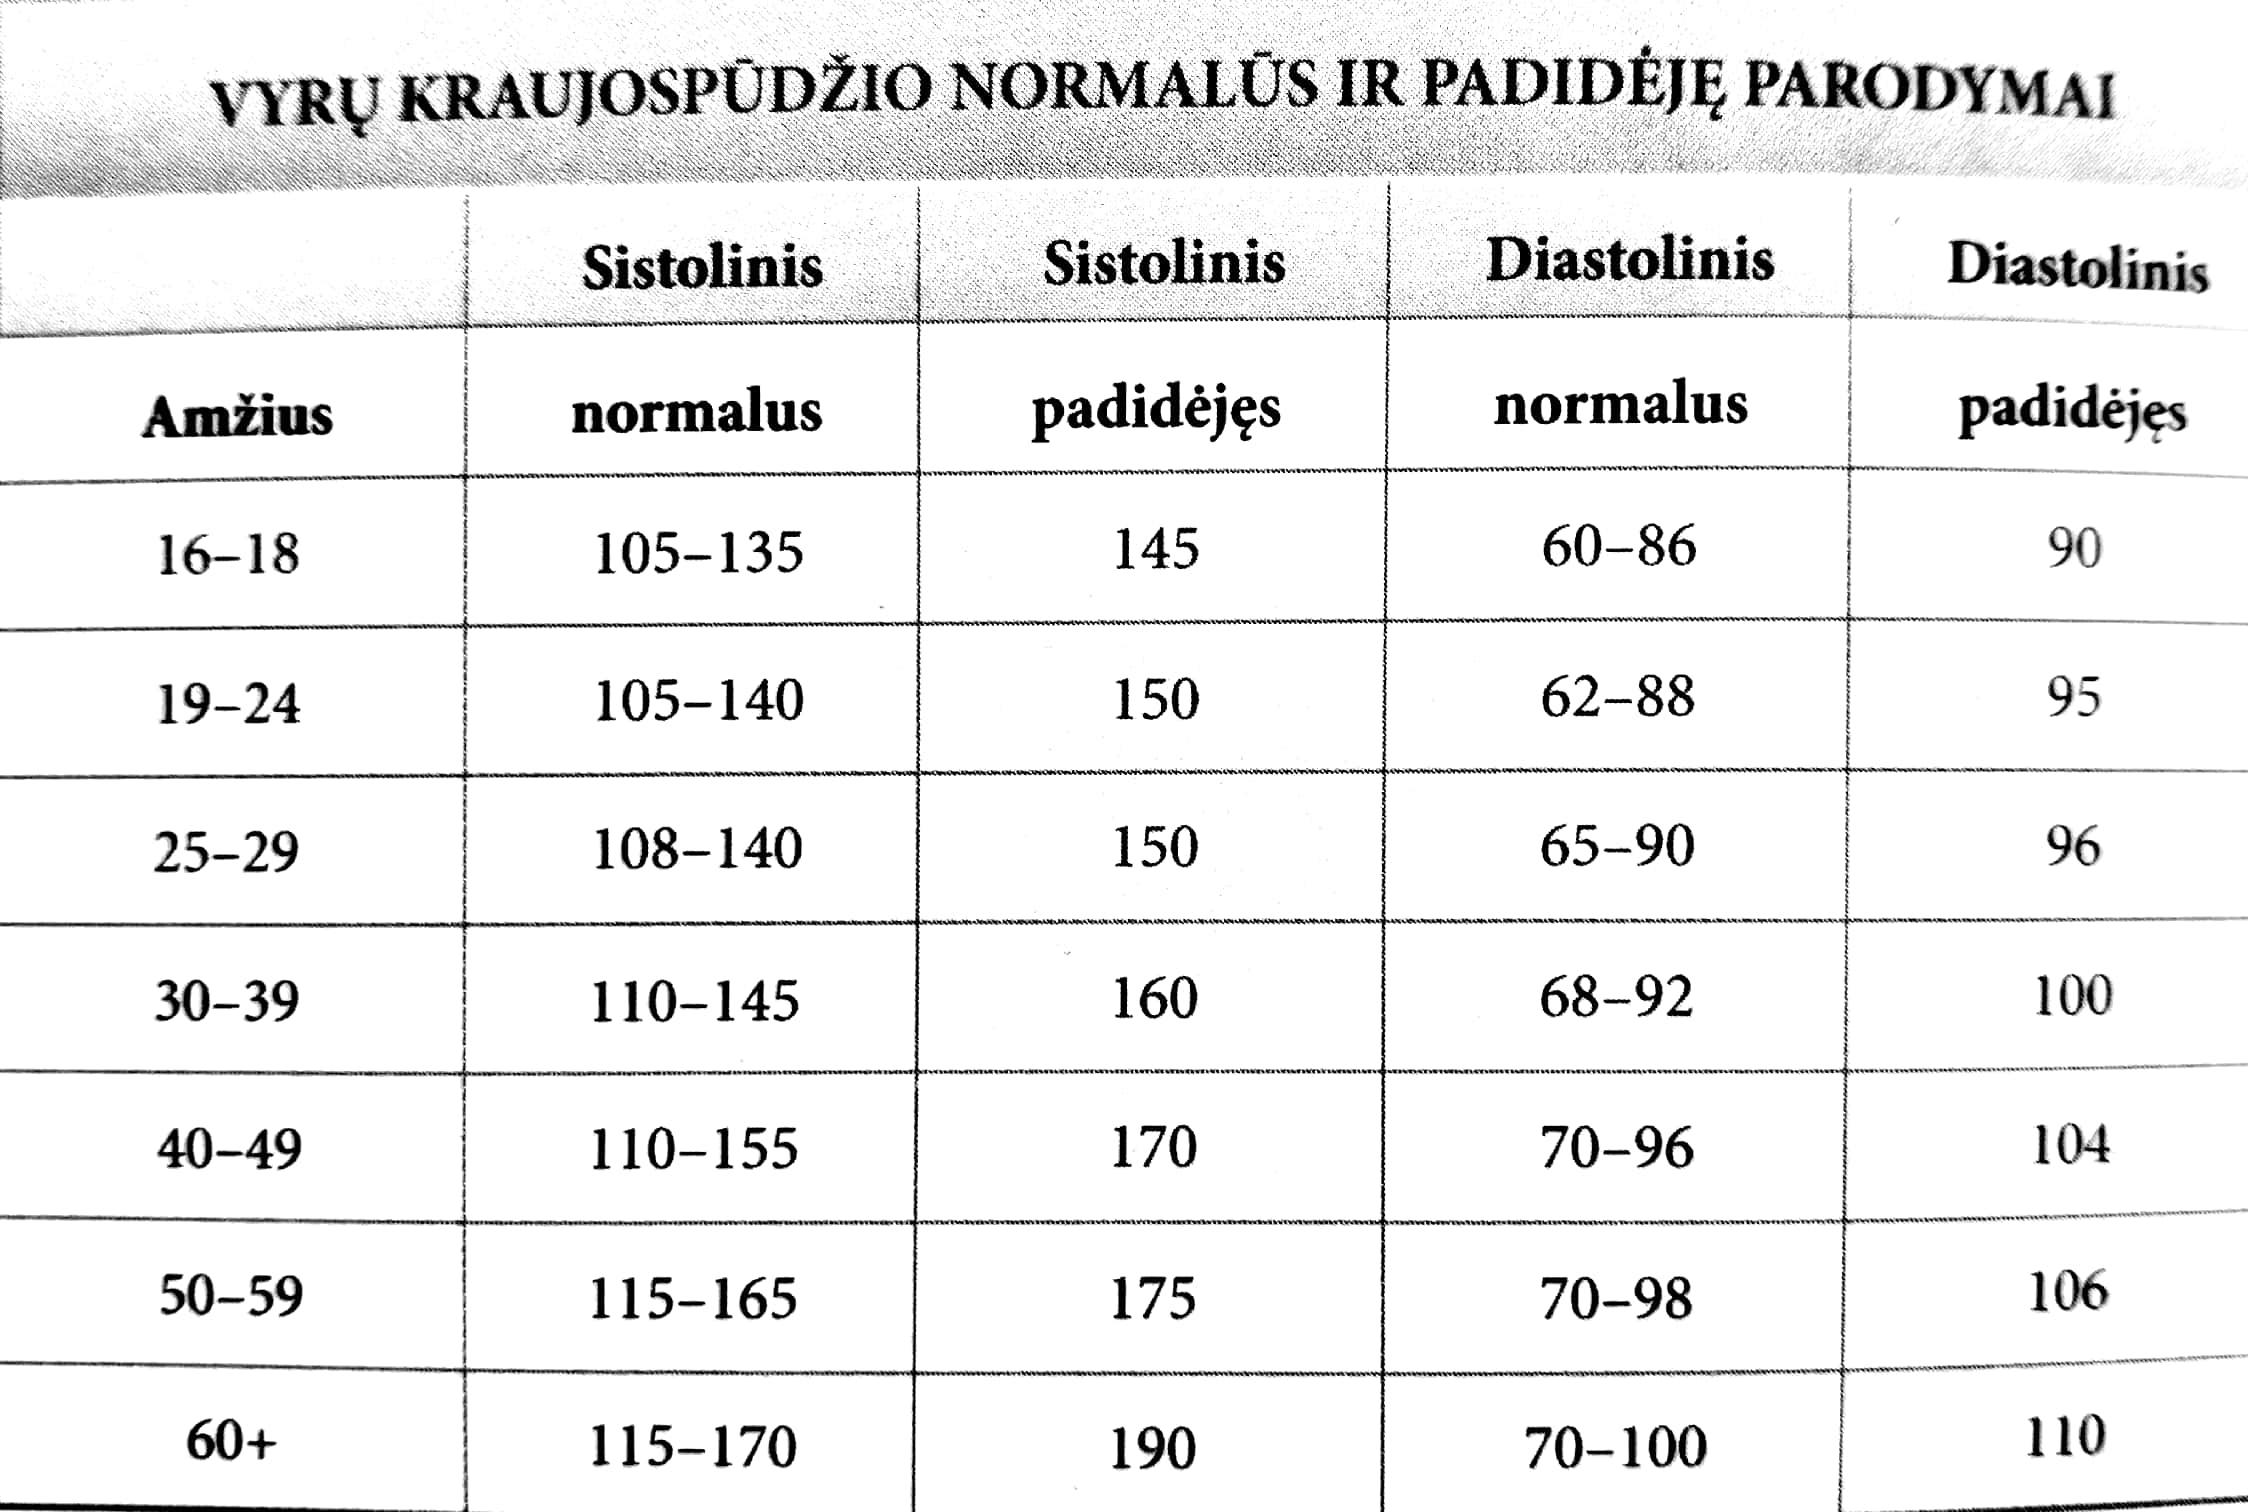 vitaminai vyrams, sergantiems hipertenzija)